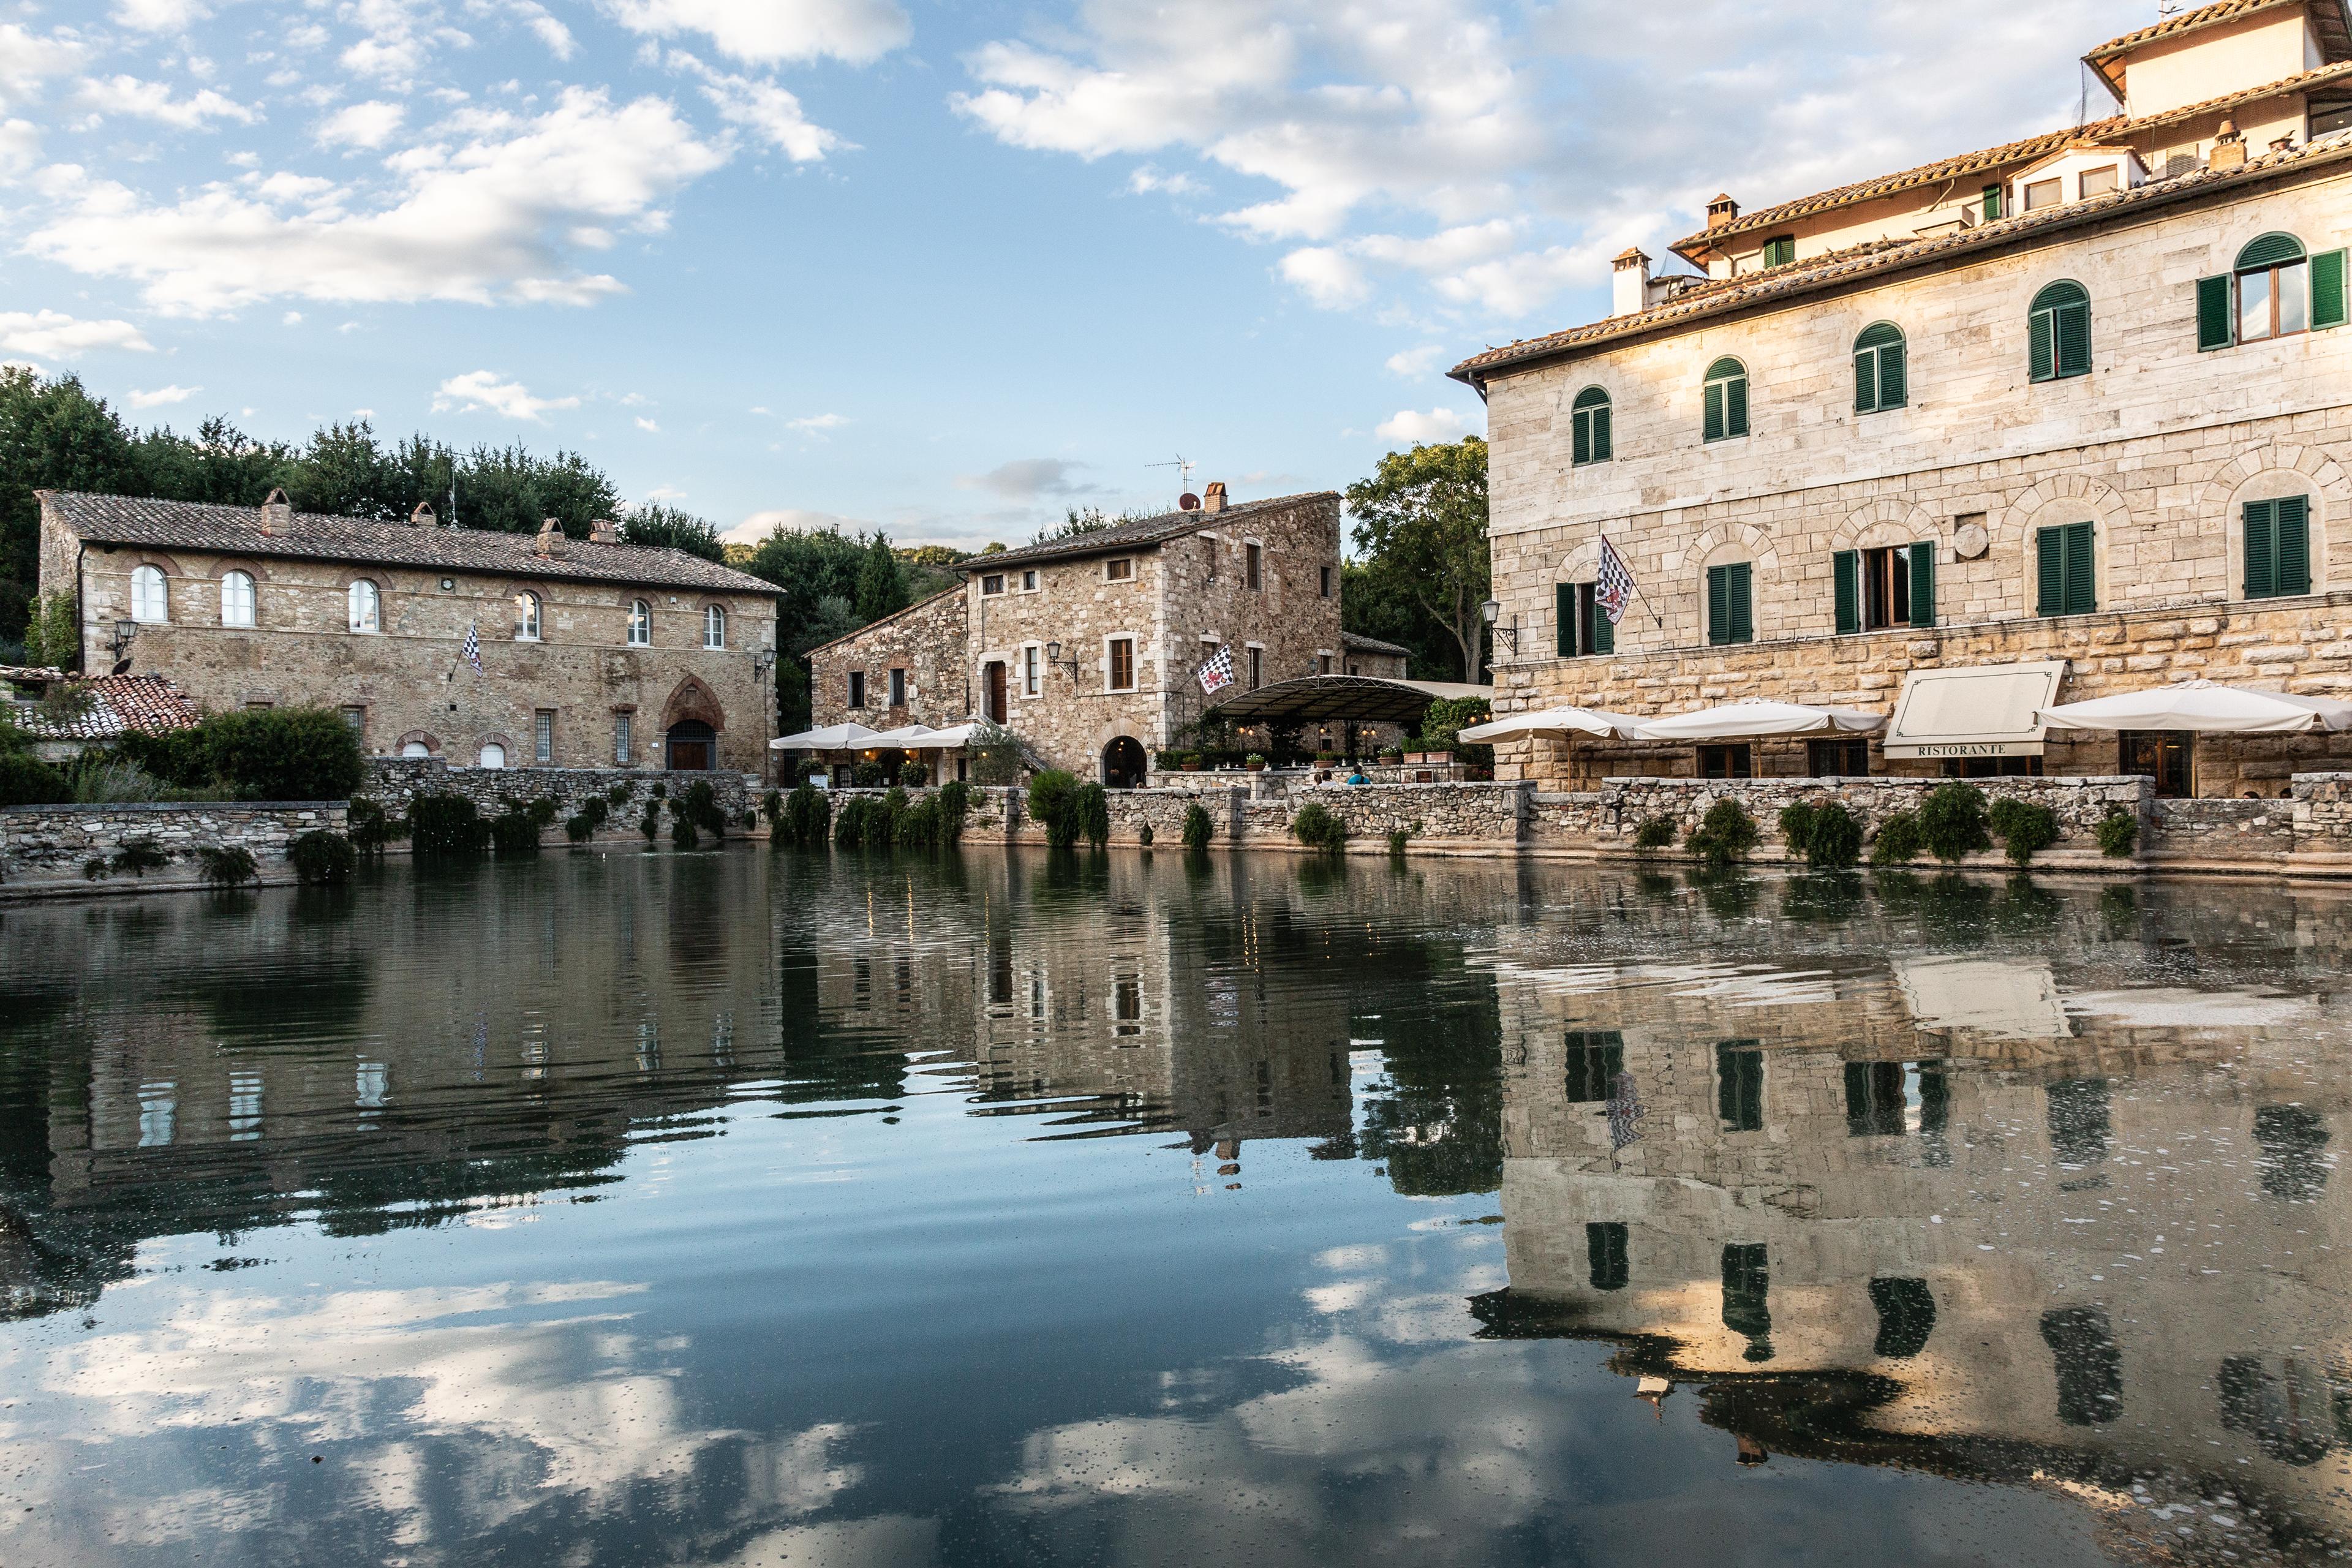 Bagno vignoni il borgo con la piazza d acqua distrarsi è d obbligo